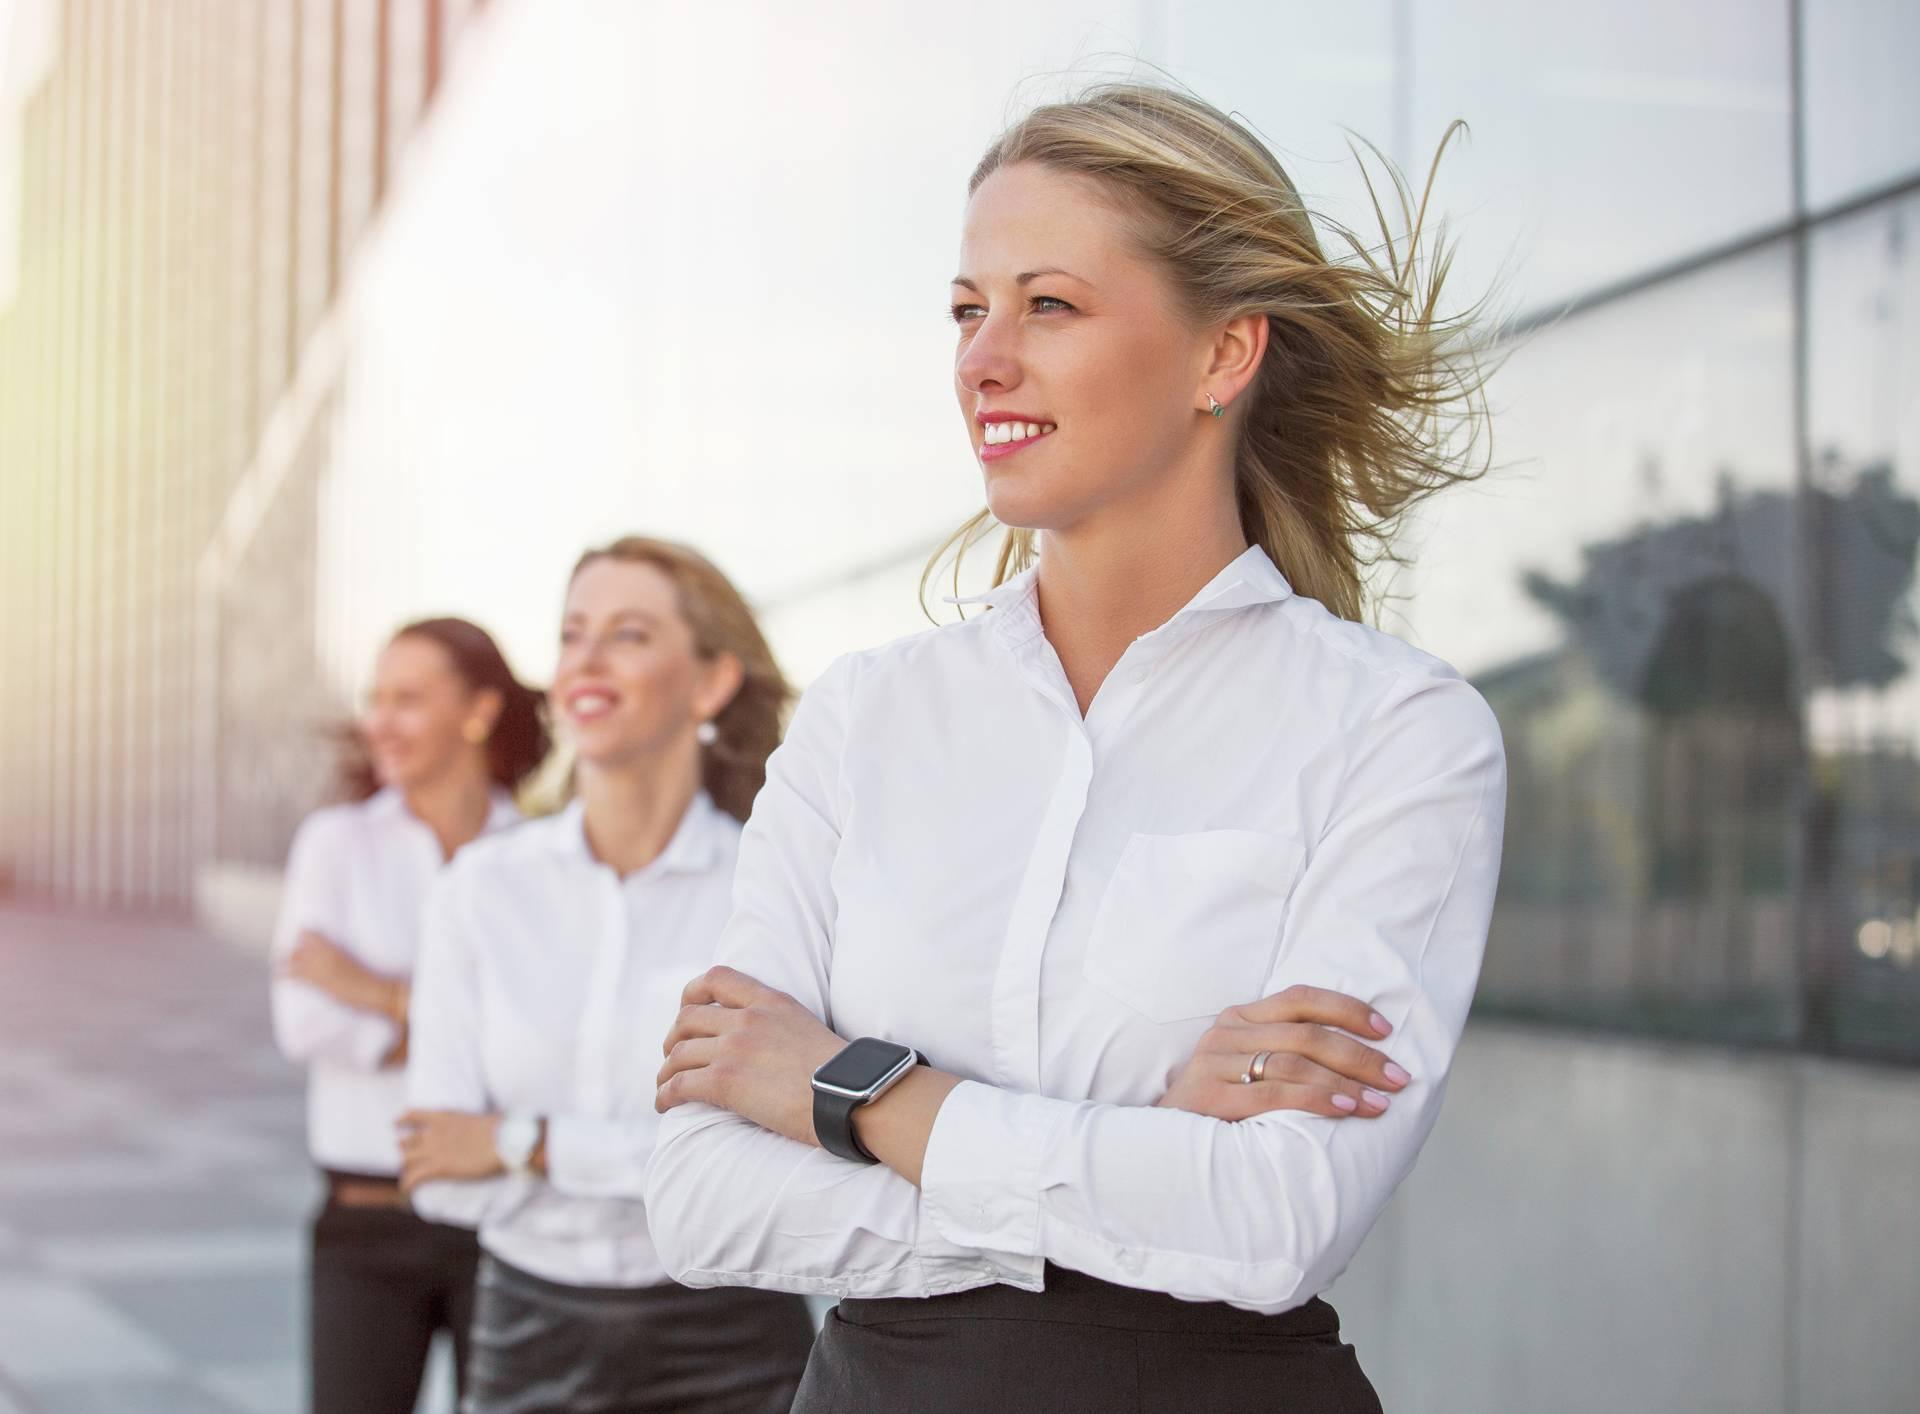 Pokretači promjena: Smatramo da je sada stiglo vrijeme žena